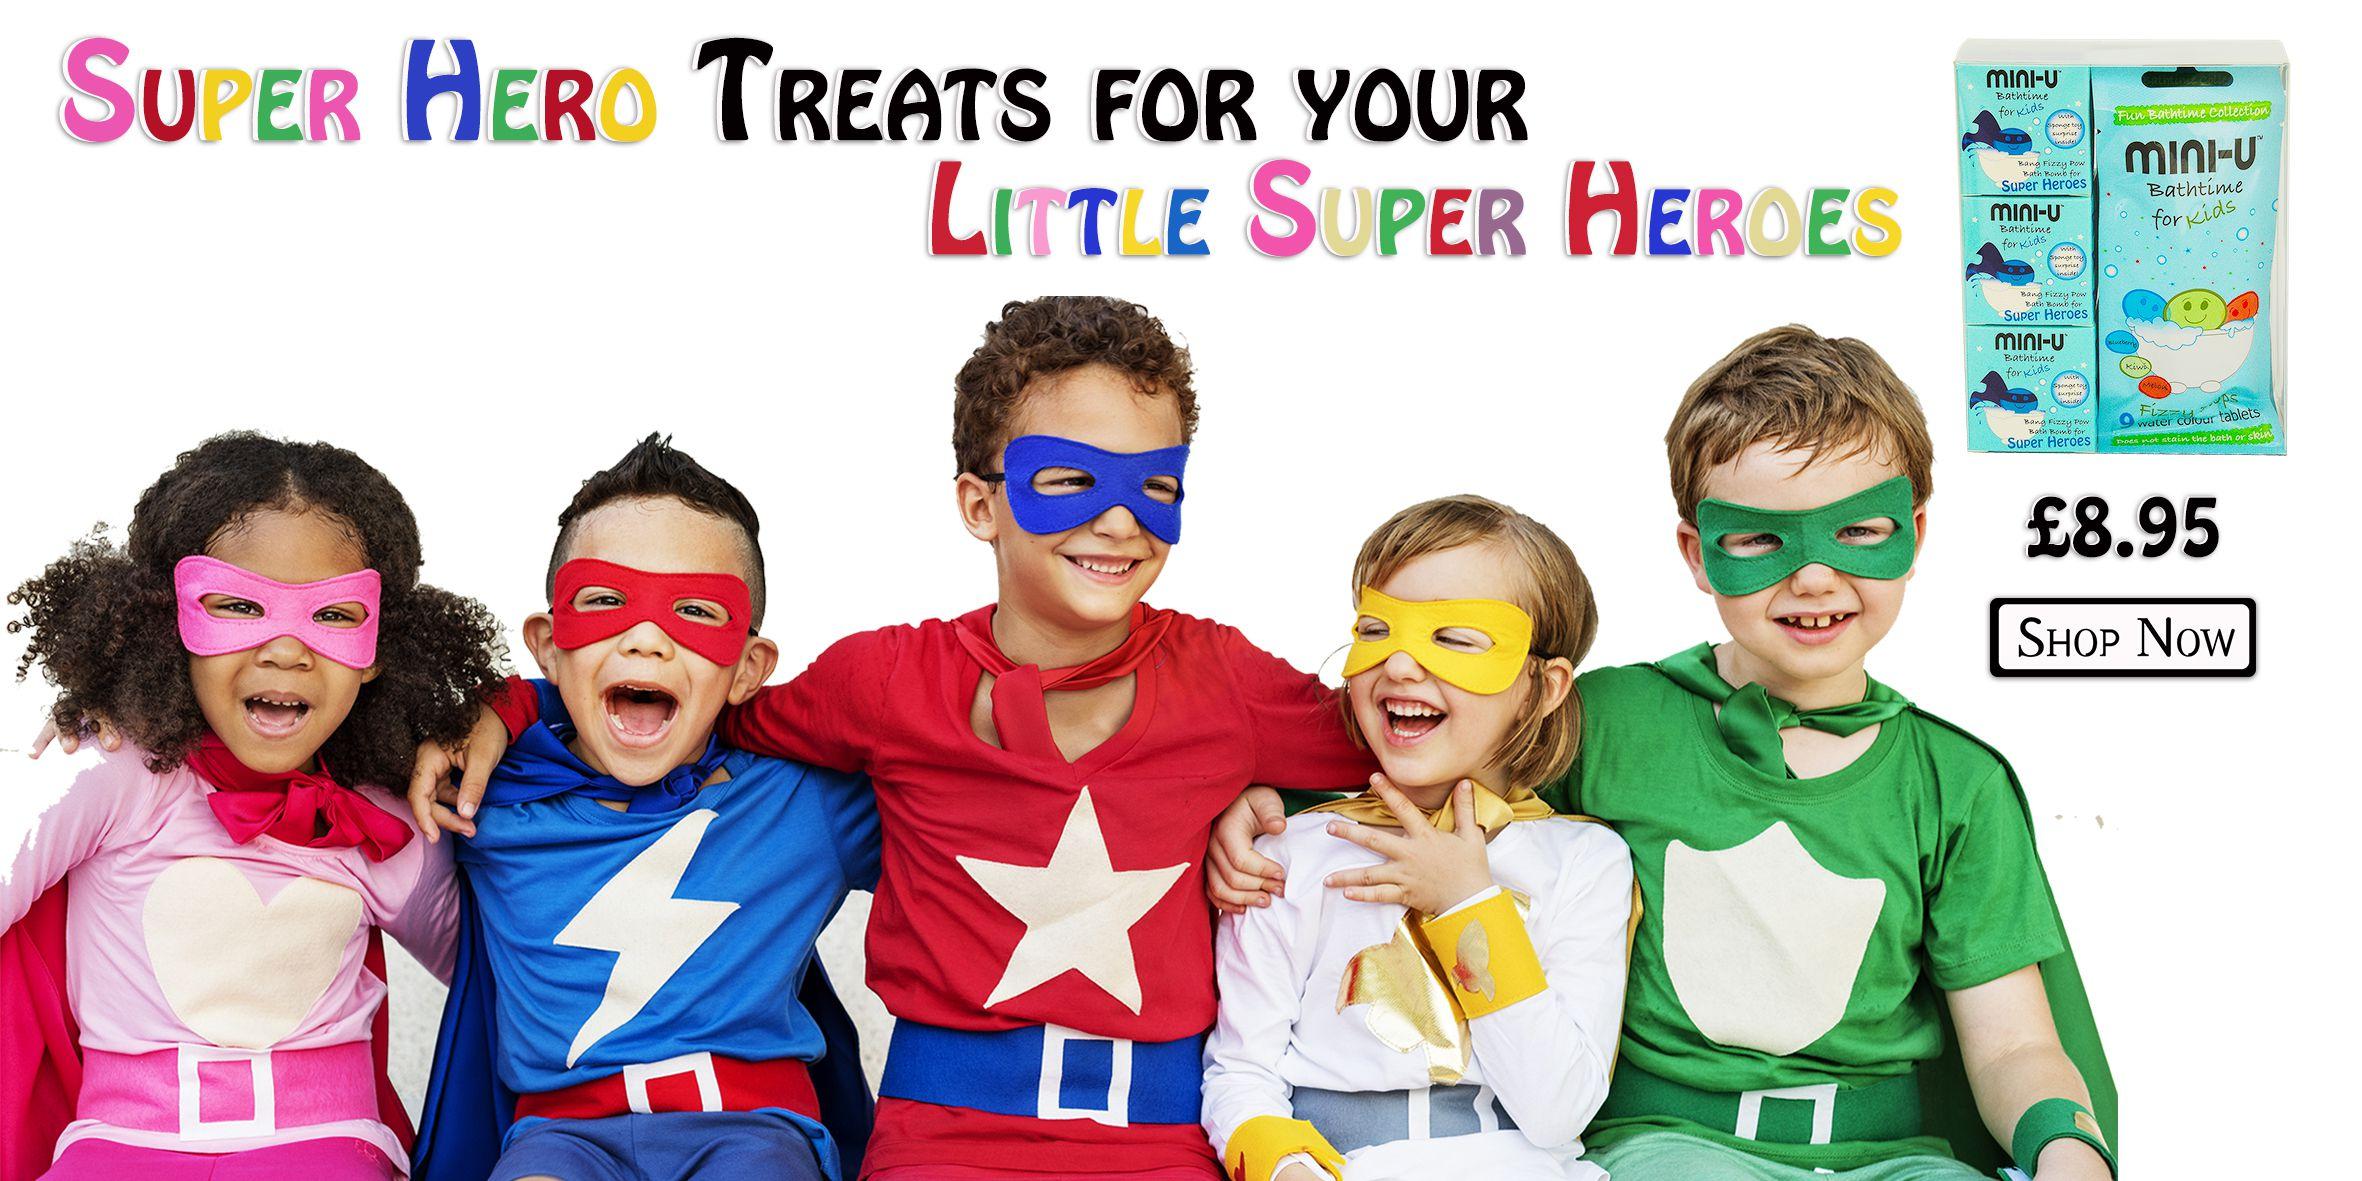 New-site-super-heros-1